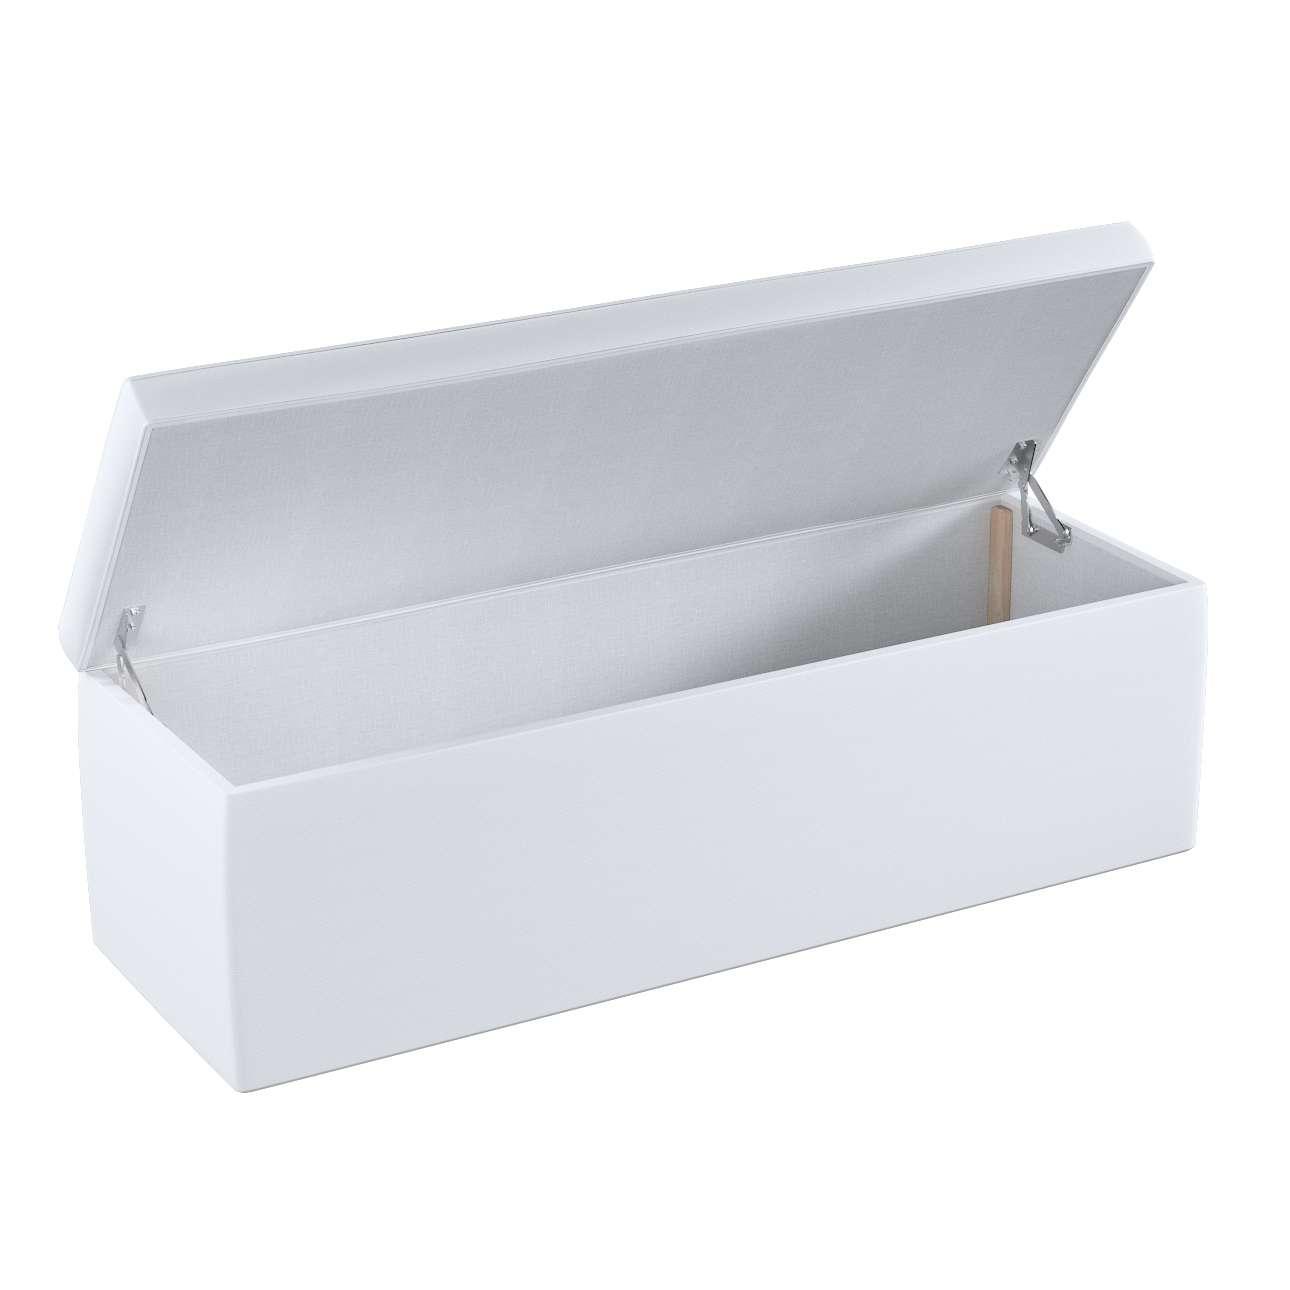 Čalouněná skříň s volbou látky - 2 velikosti v kolekci Jupiter, látka: 127-01